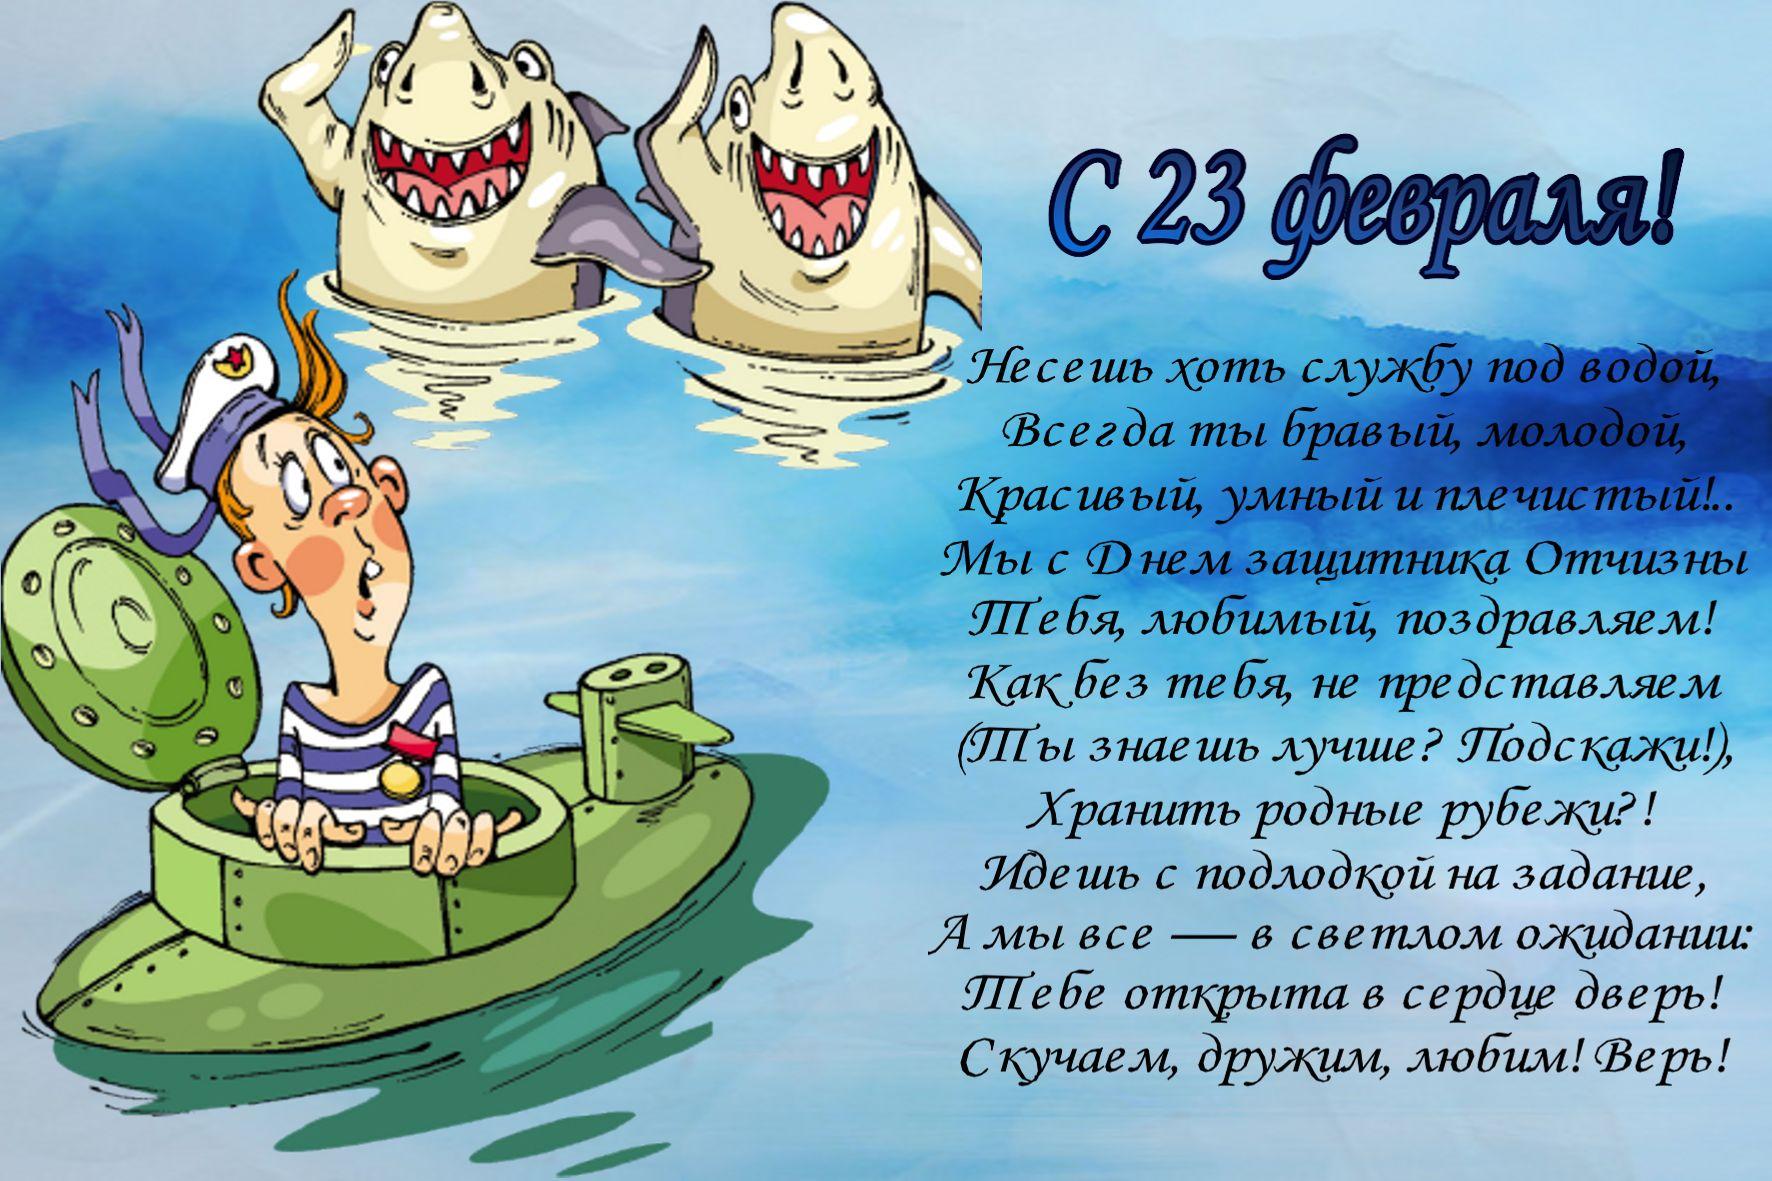 Поздравления 23 февраля с открытками